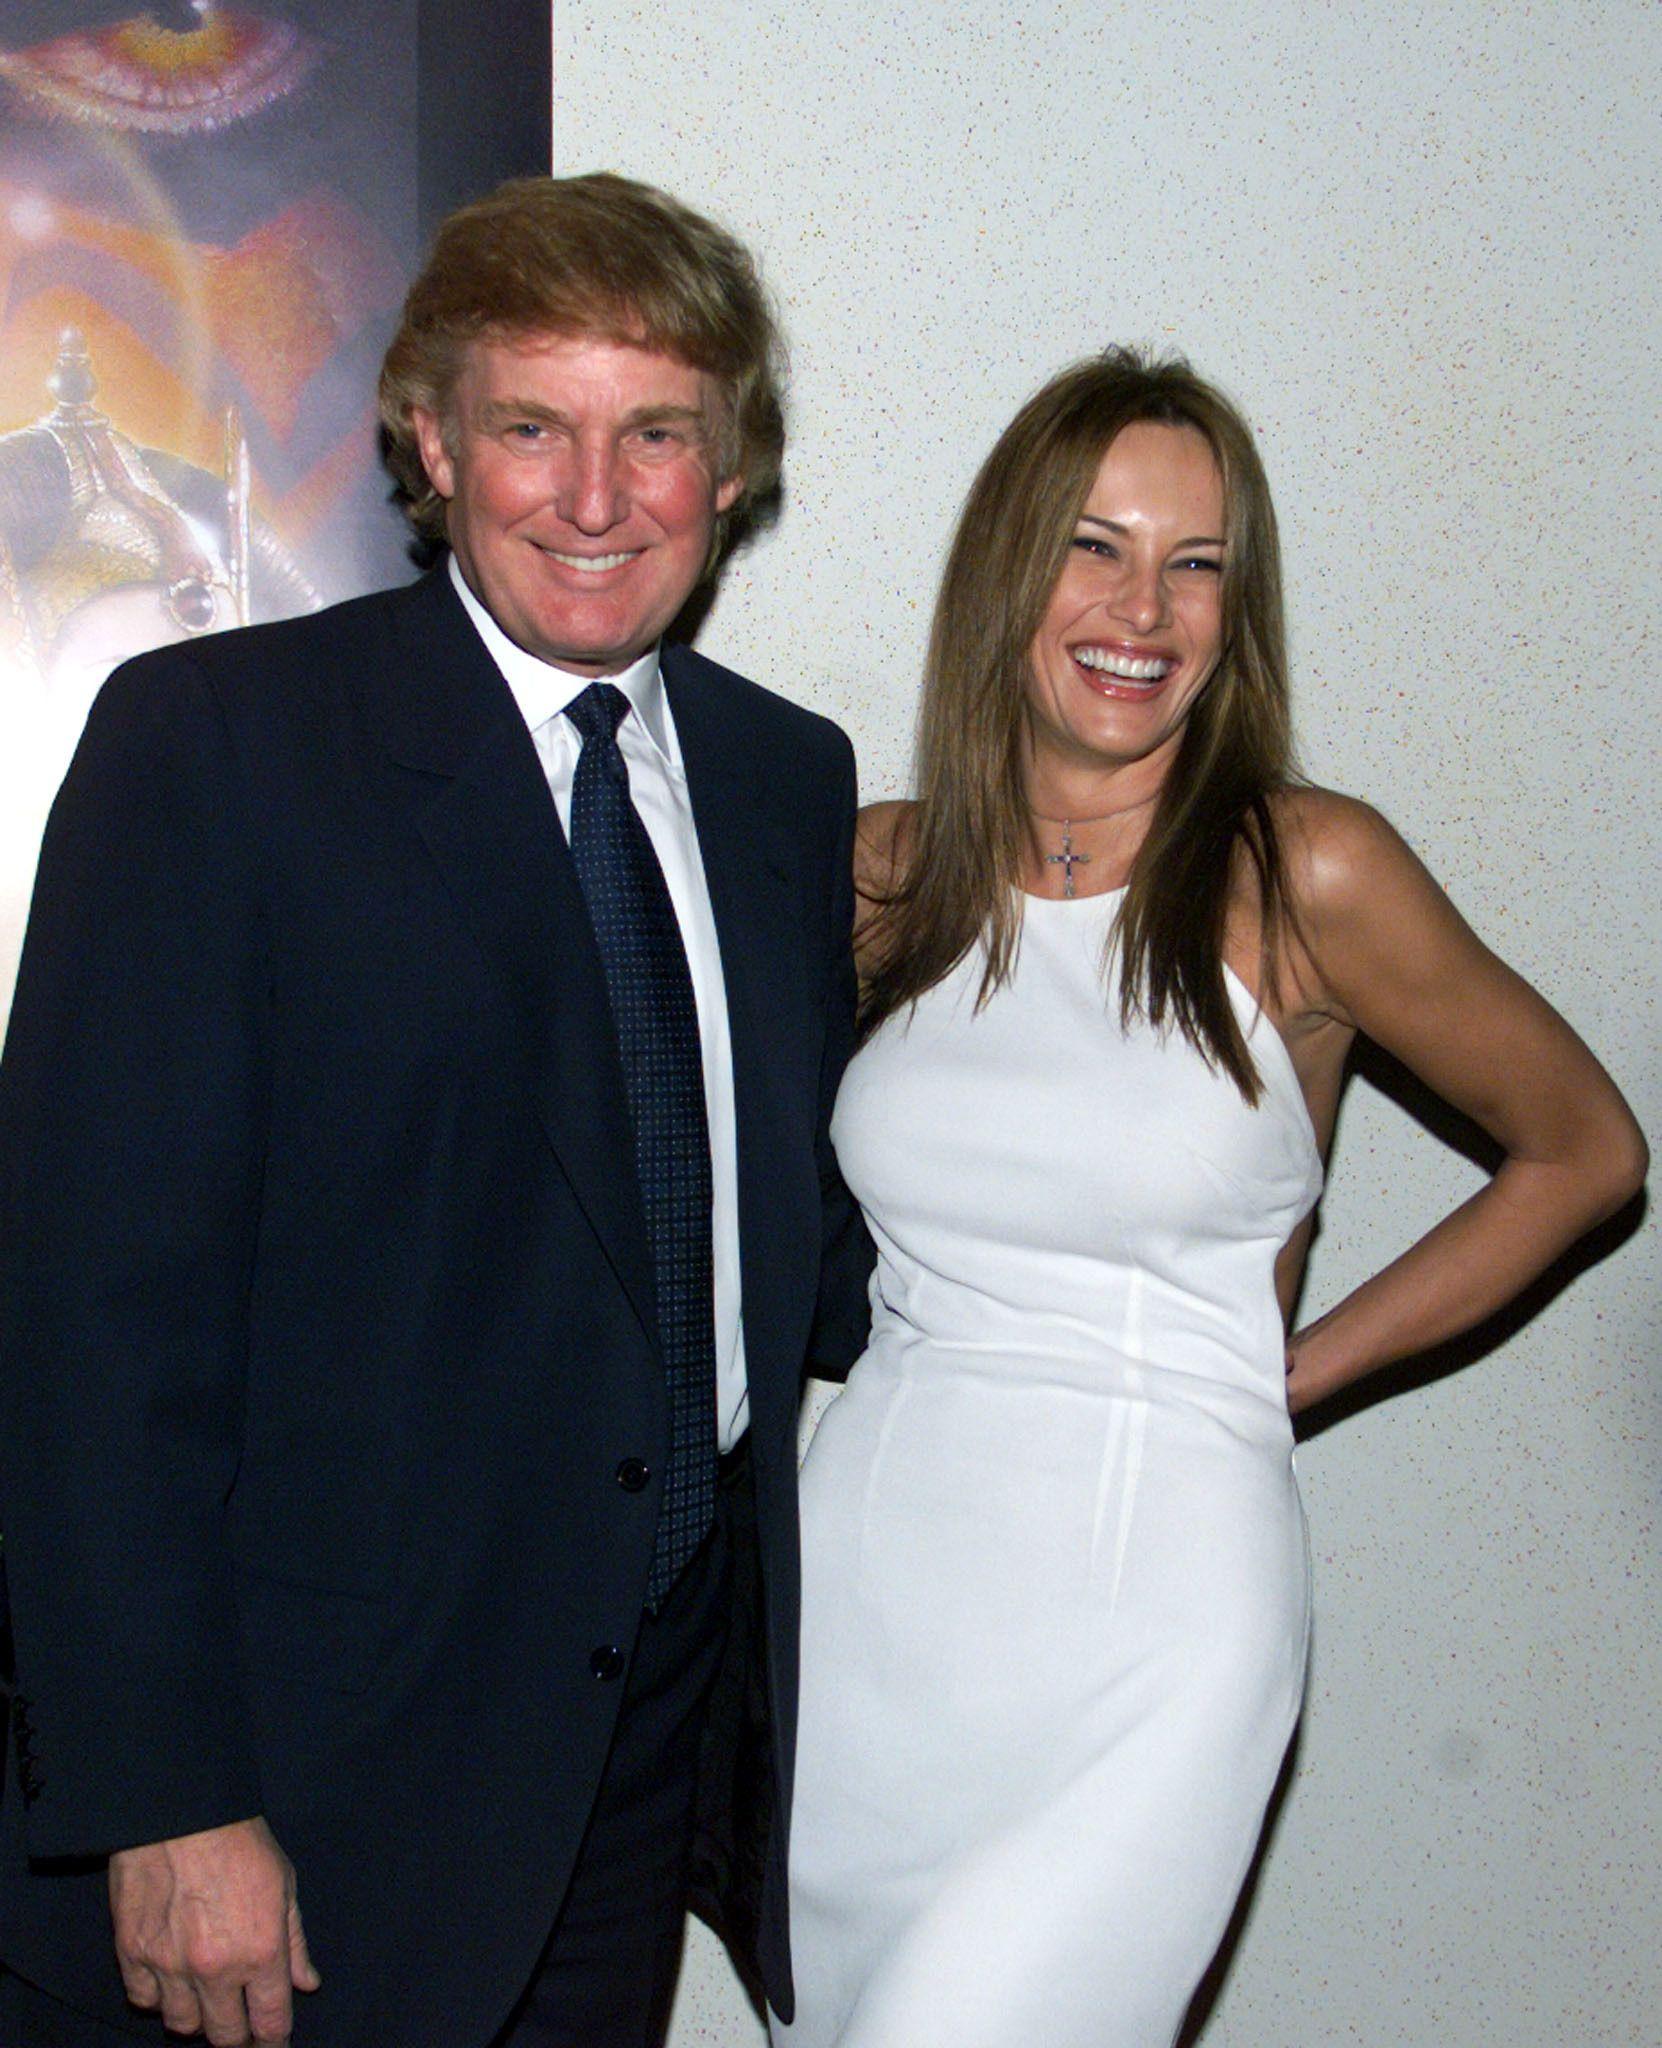 Story Donald Trump Wedding Photos: Pin On MELANIA TRUMP OUT LOUD